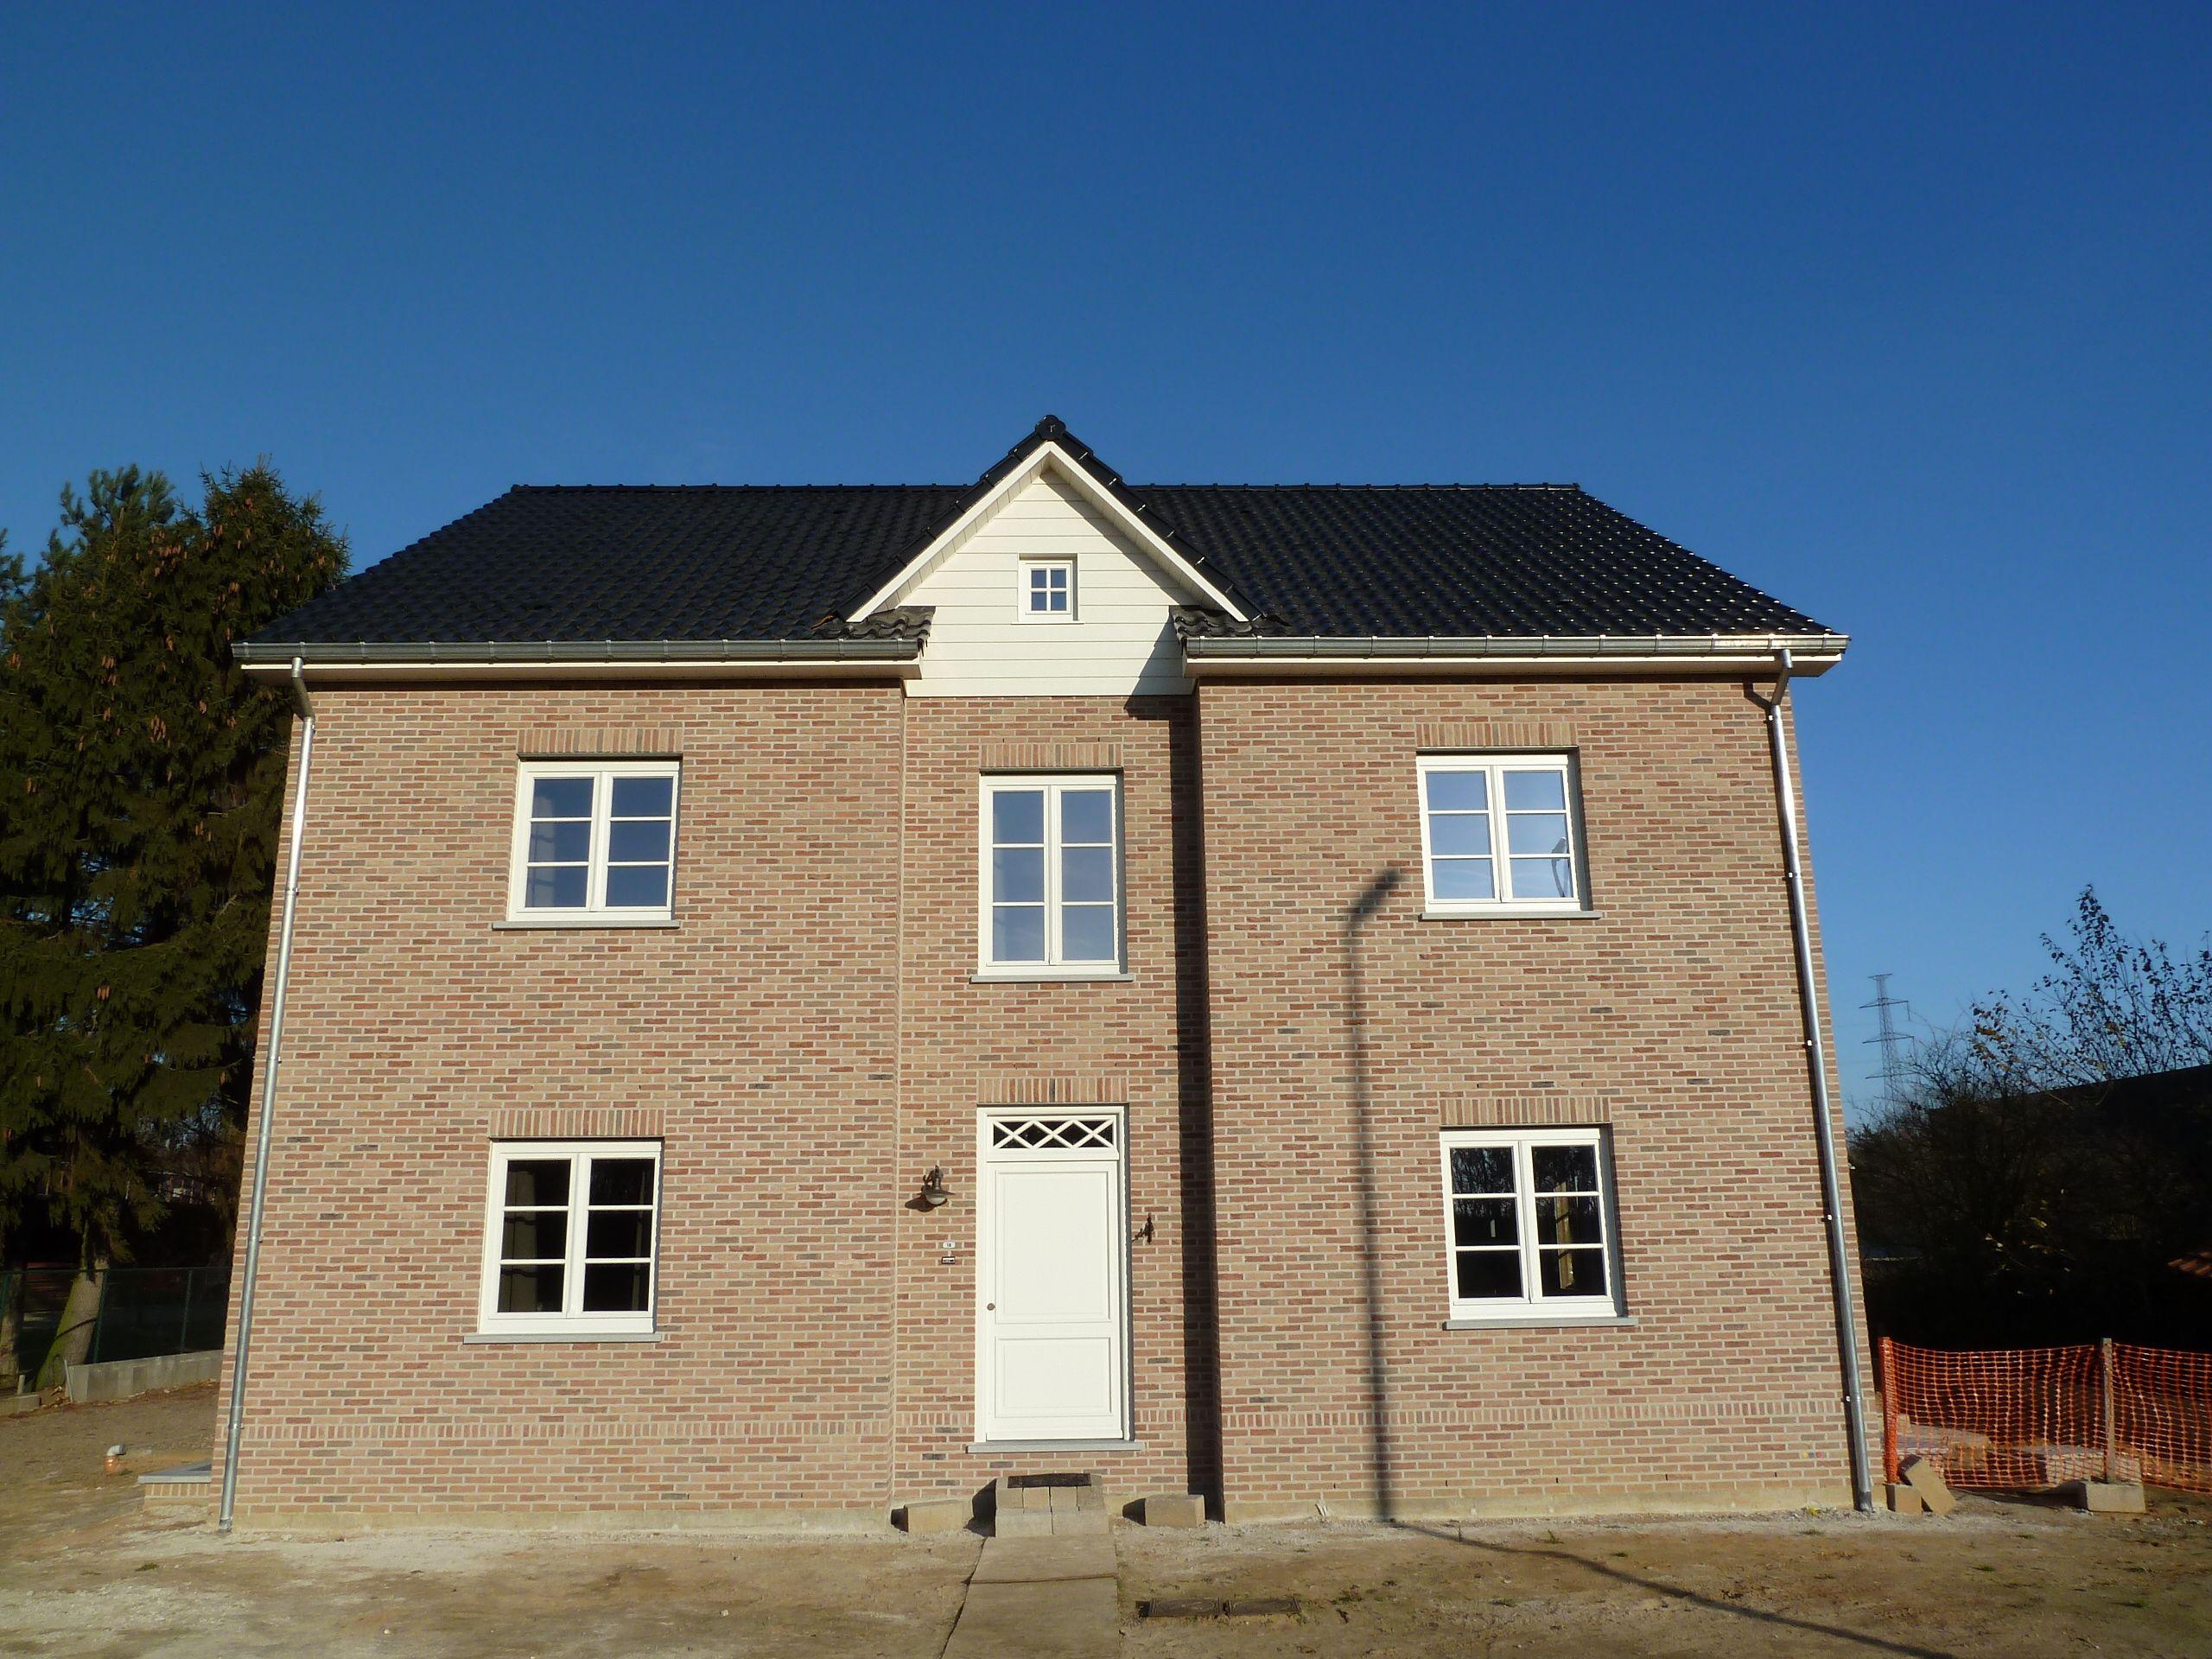 Huis - gebouwd met een T15 baksteen van steenfabriek Nelissen